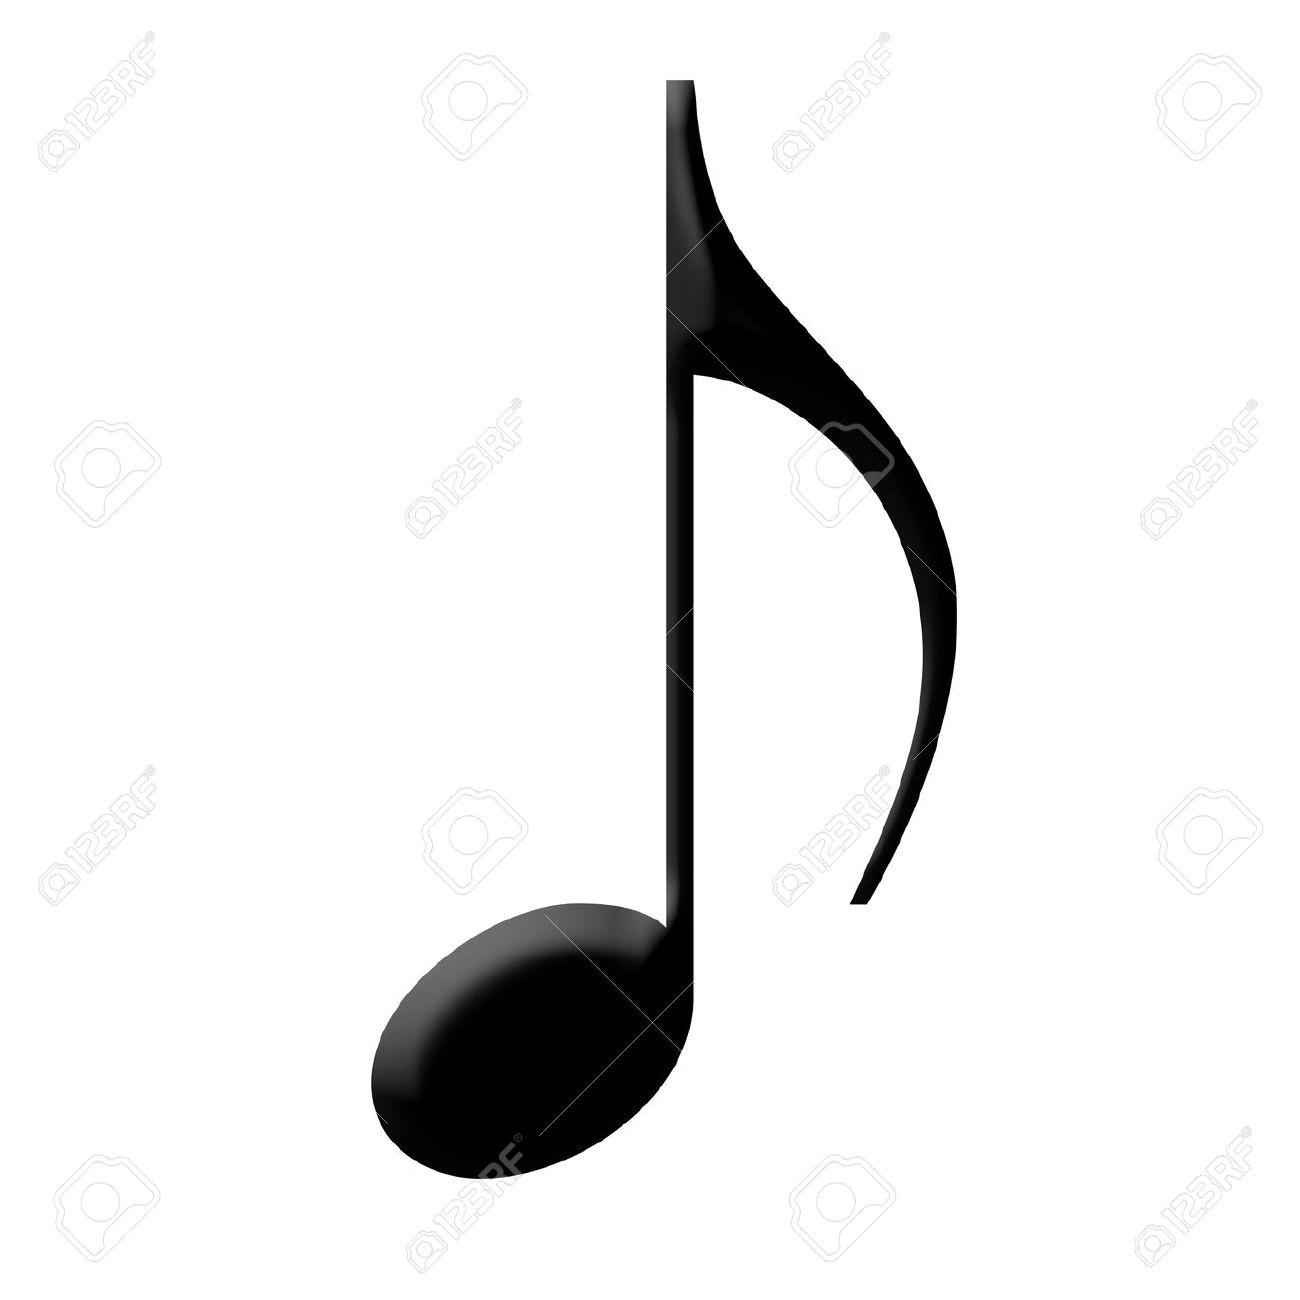 12589281-nota-musicale-con-una-finitura-nero-lucido-archivio-fotografico